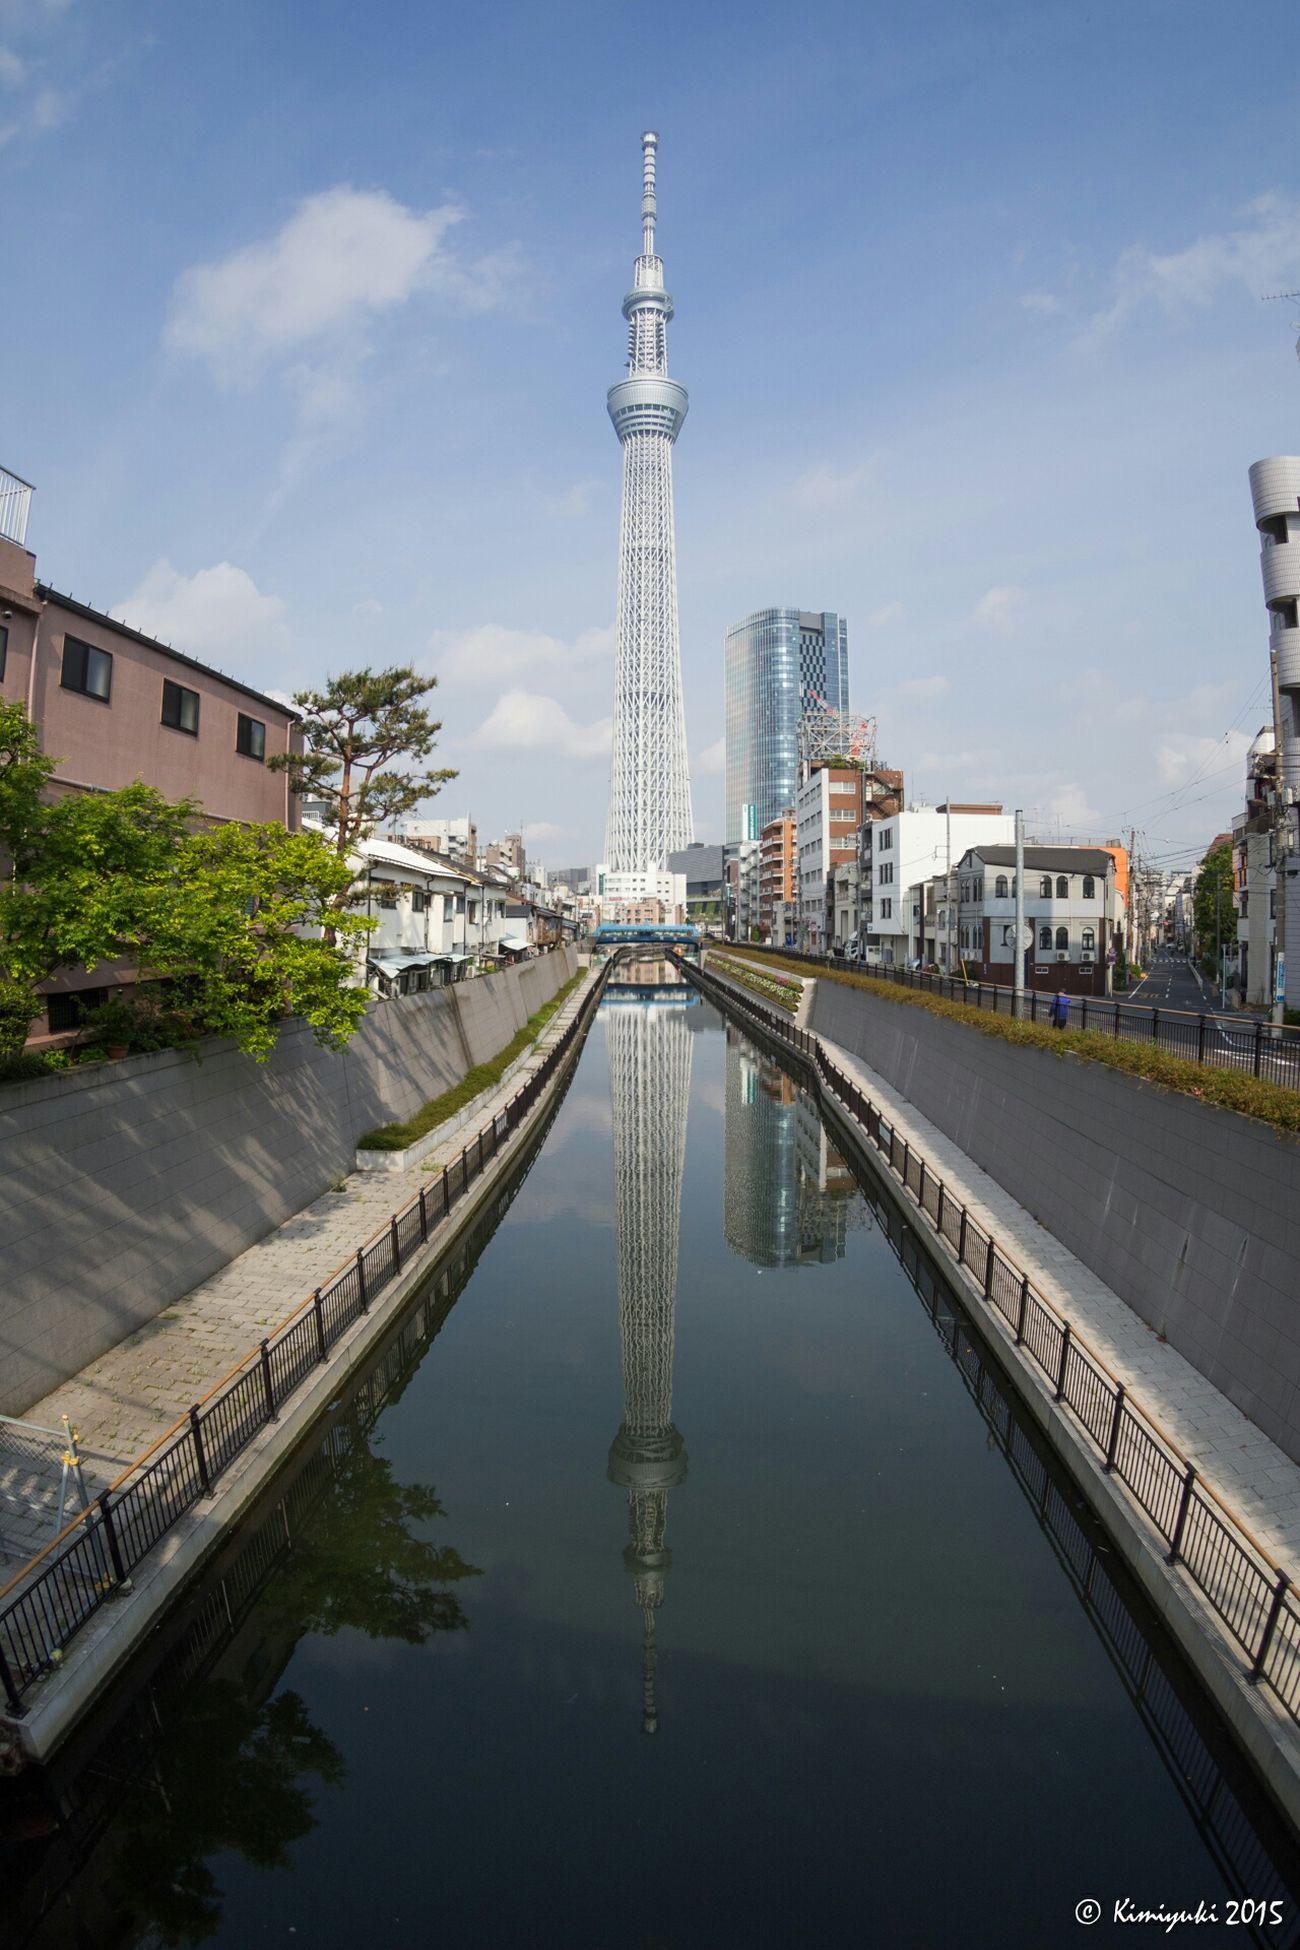 亀戸天神社の帰りにちょっと寄り道 鉄塔♡Love Reflection Tokyoskytree Skytree Olympus Olympus Om-d E-m10 Landmark Architecture Tower Fisheye